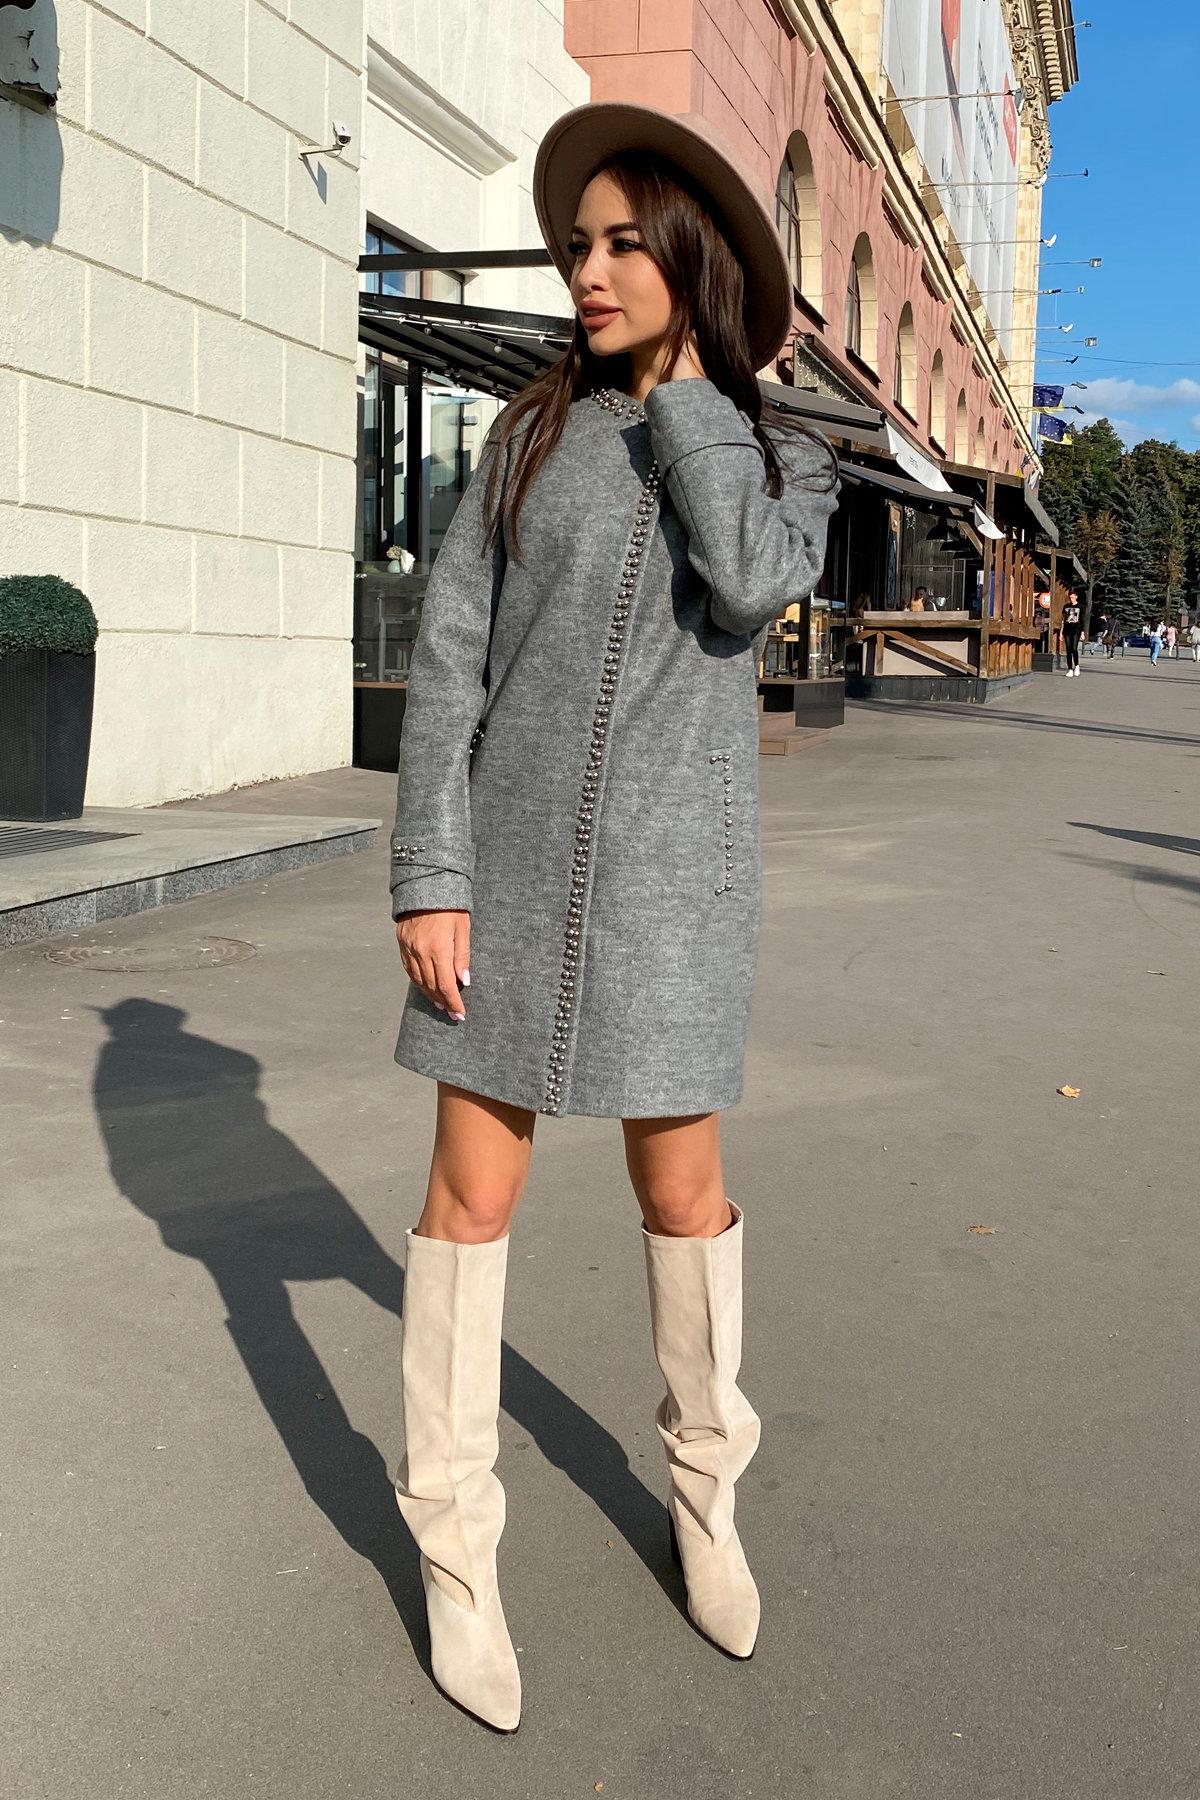 Пальто Анси 4544 АРТ. 21596 Цвет: Серый 18 - фото 4, интернет магазин tm-modus.ru